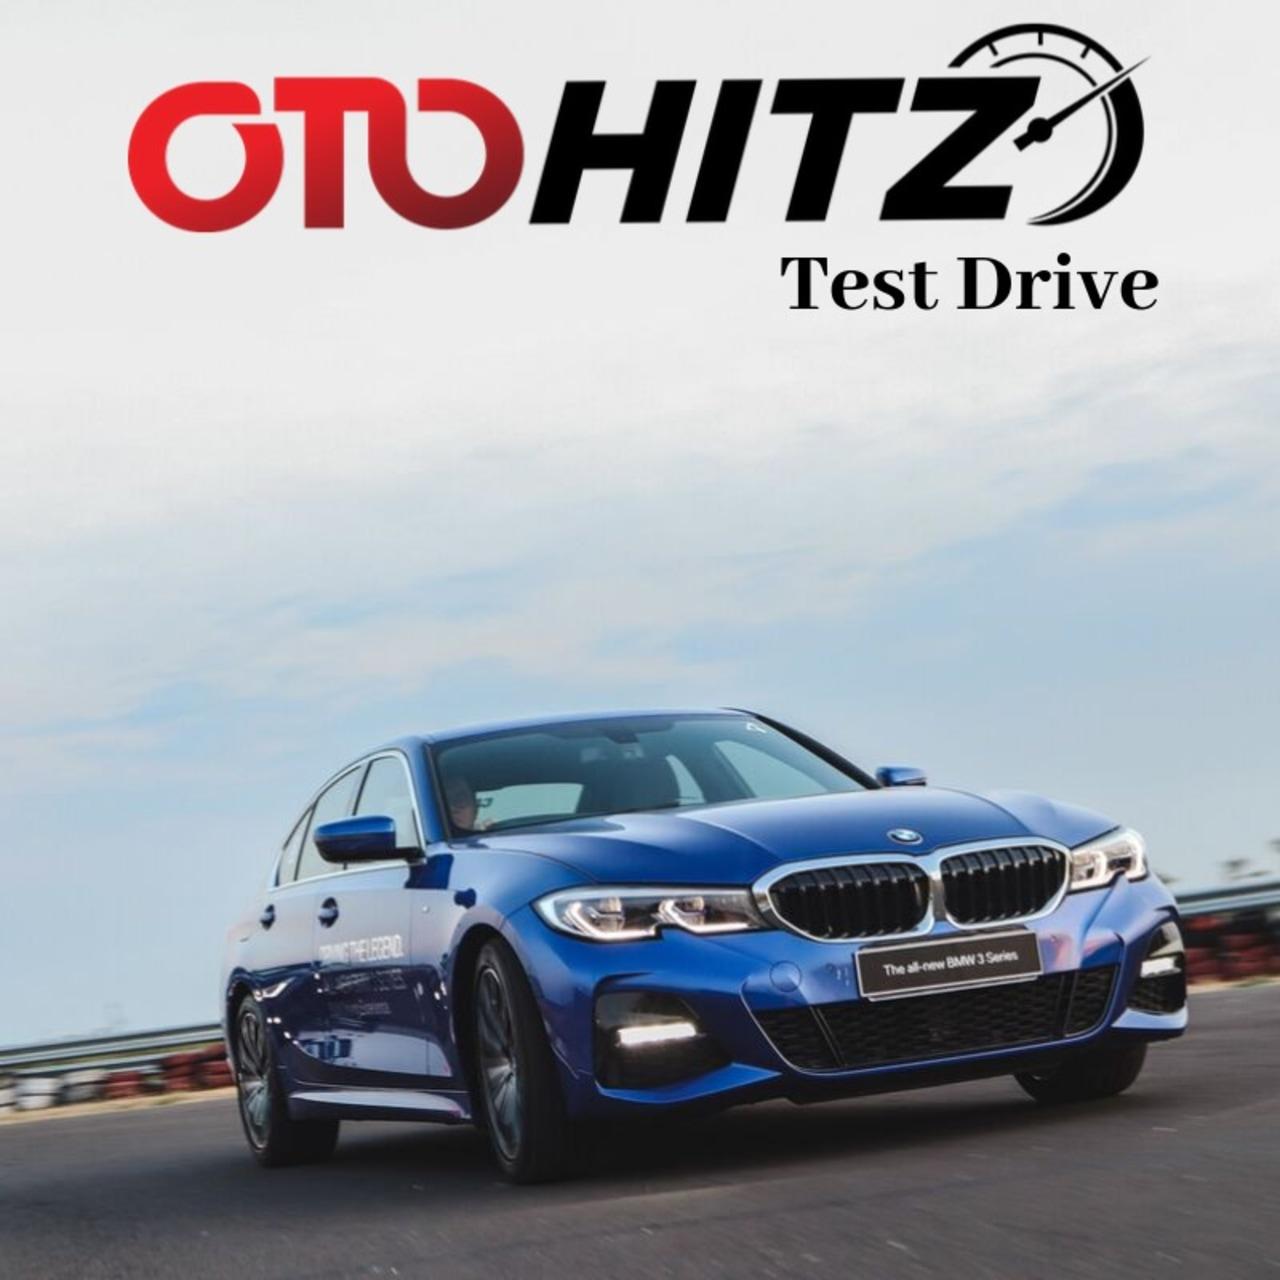 OTOHITZ-Test Drive